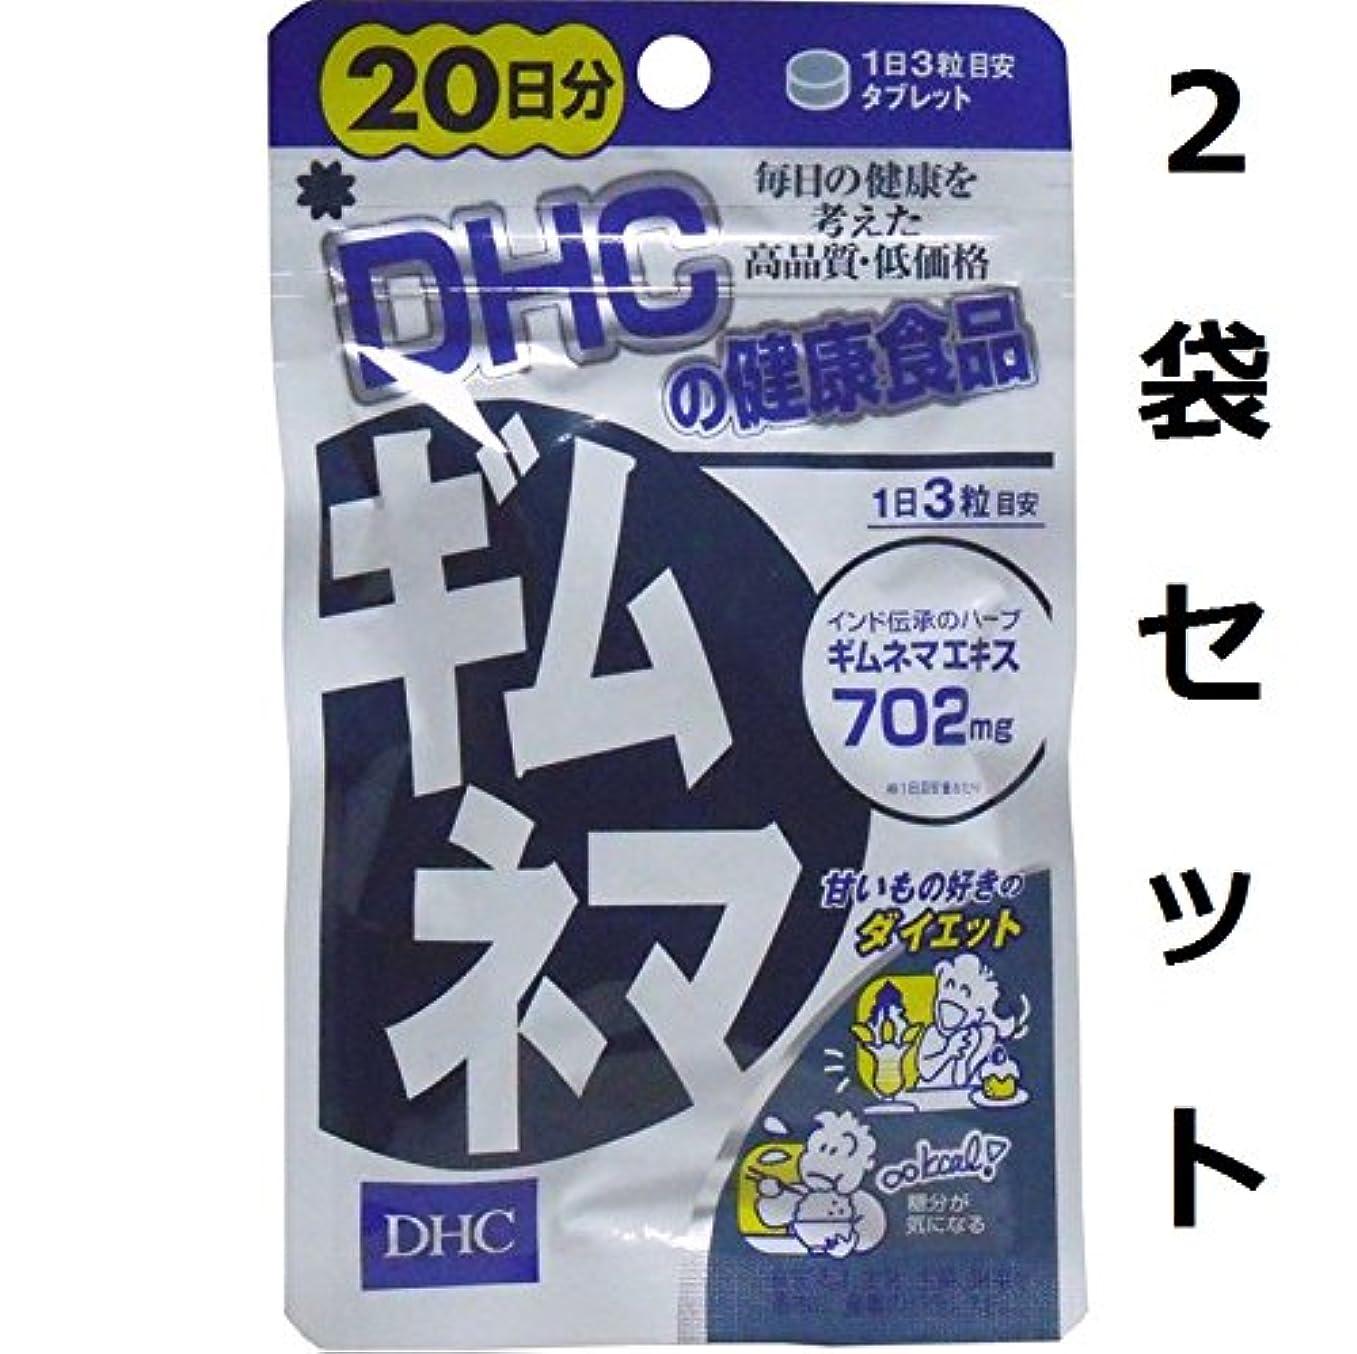 通行料金クリーク全体我慢せずに余分な糖分をブロック DHC ギムネマ 20日分 60粒 2袋セット